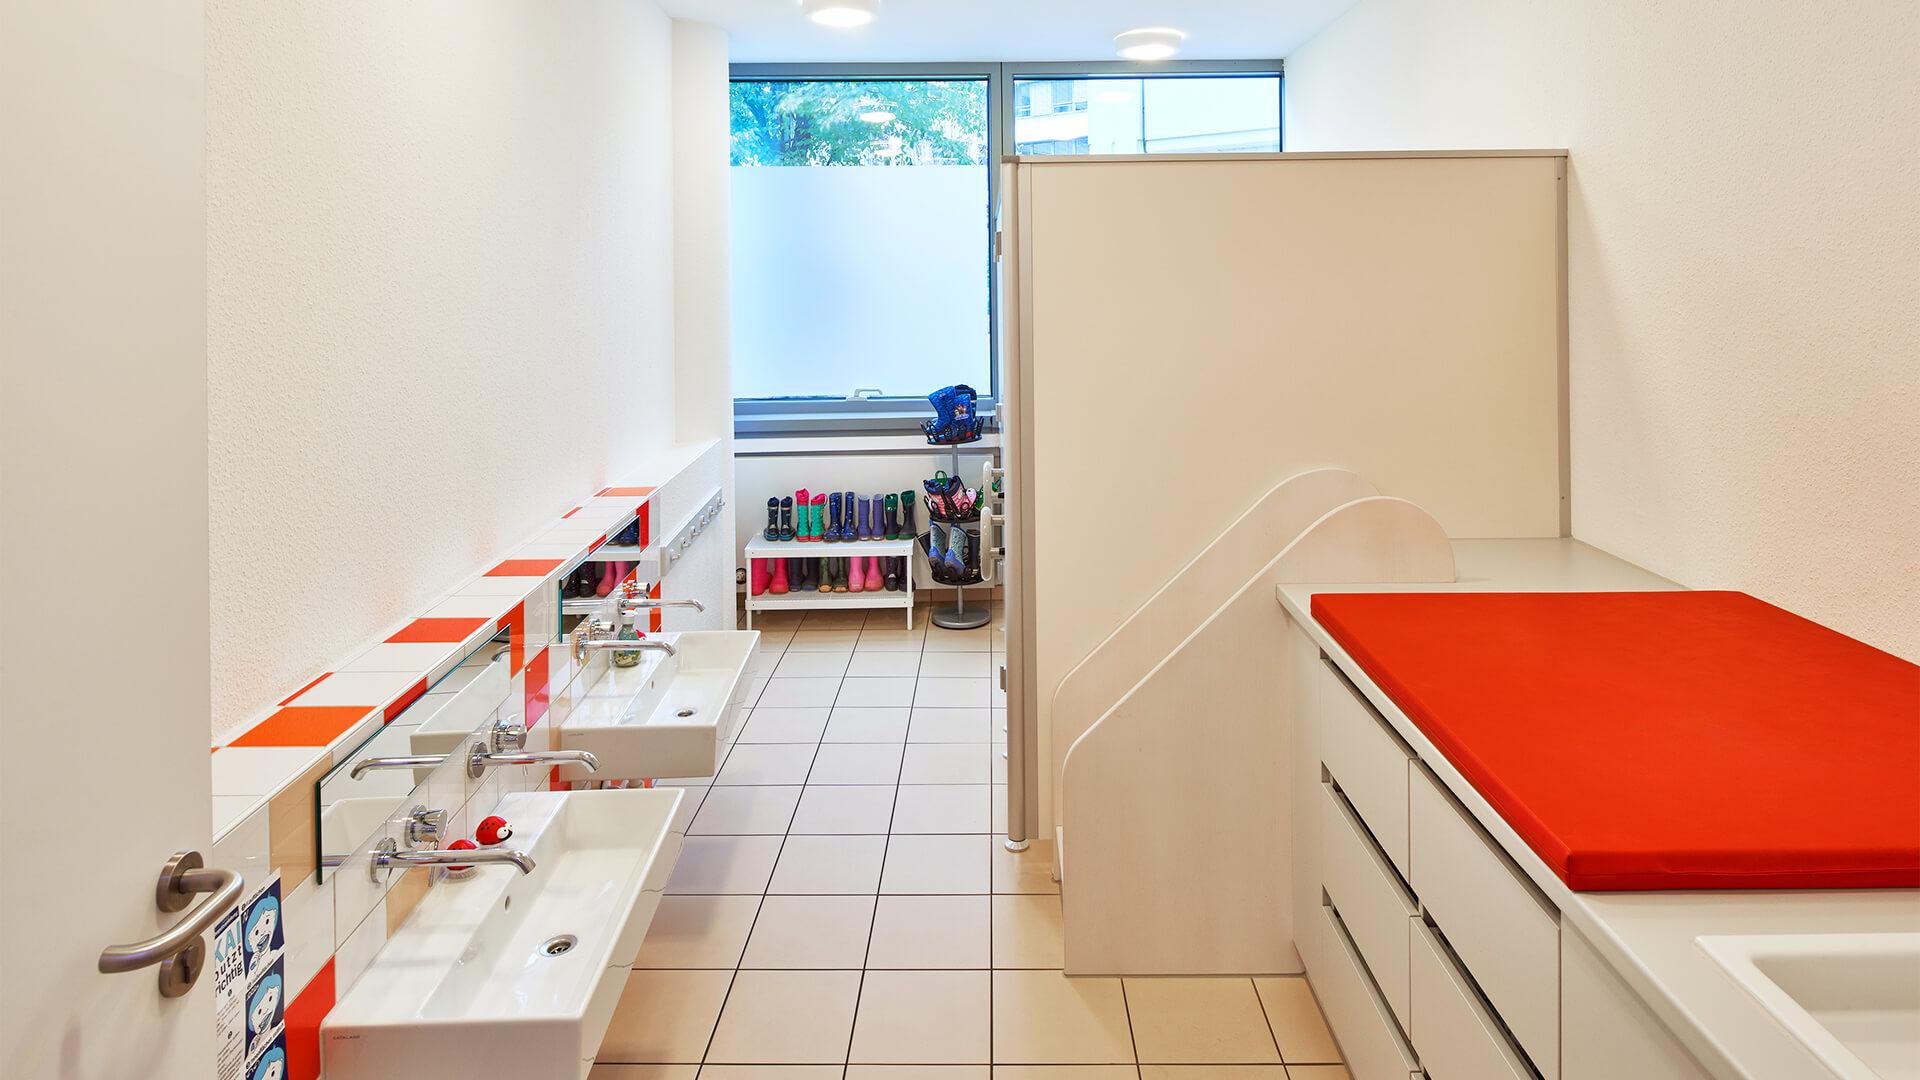 Waschraum der Kindertagesstätte, hier kann man gemeinsam das Zähneputzen üben